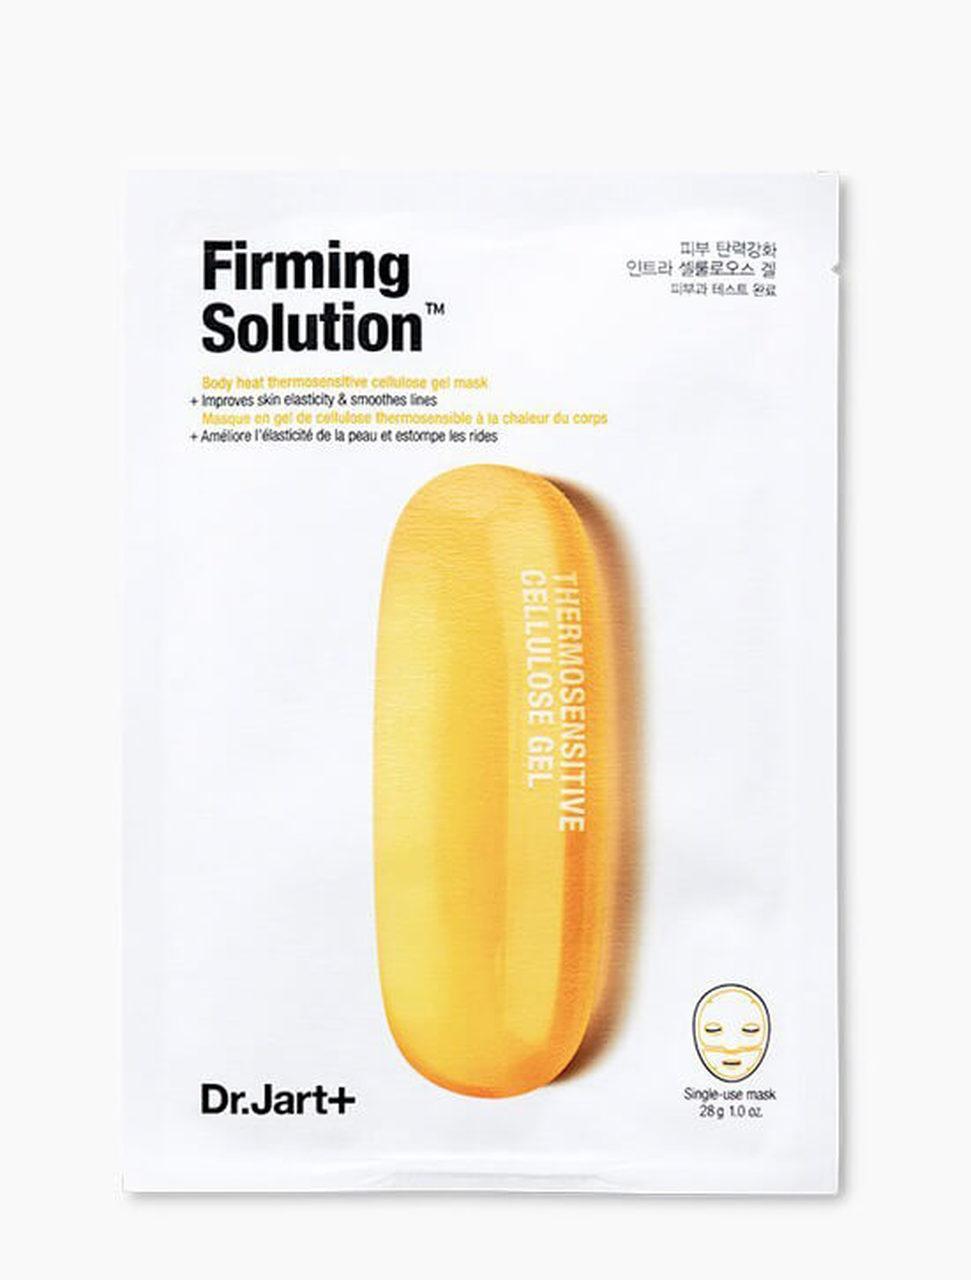 Гидрогелевая лифтинг-маска с био-пептидами, Dr.Jart+ Firming Solution (штучно)